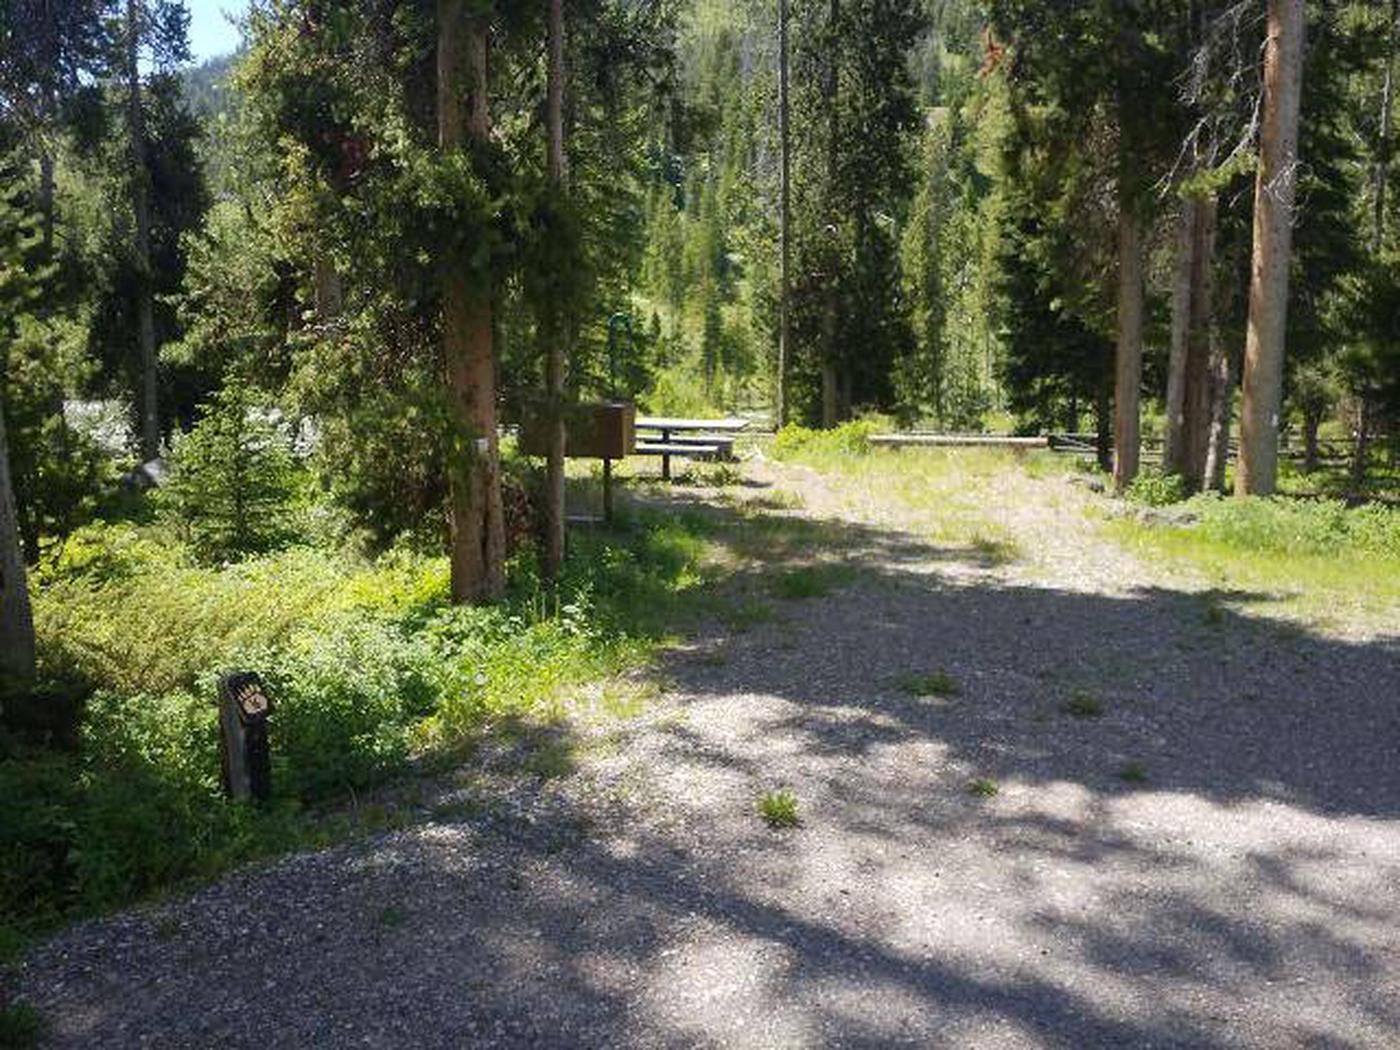 Threemile Campground Campsite 16 - Post